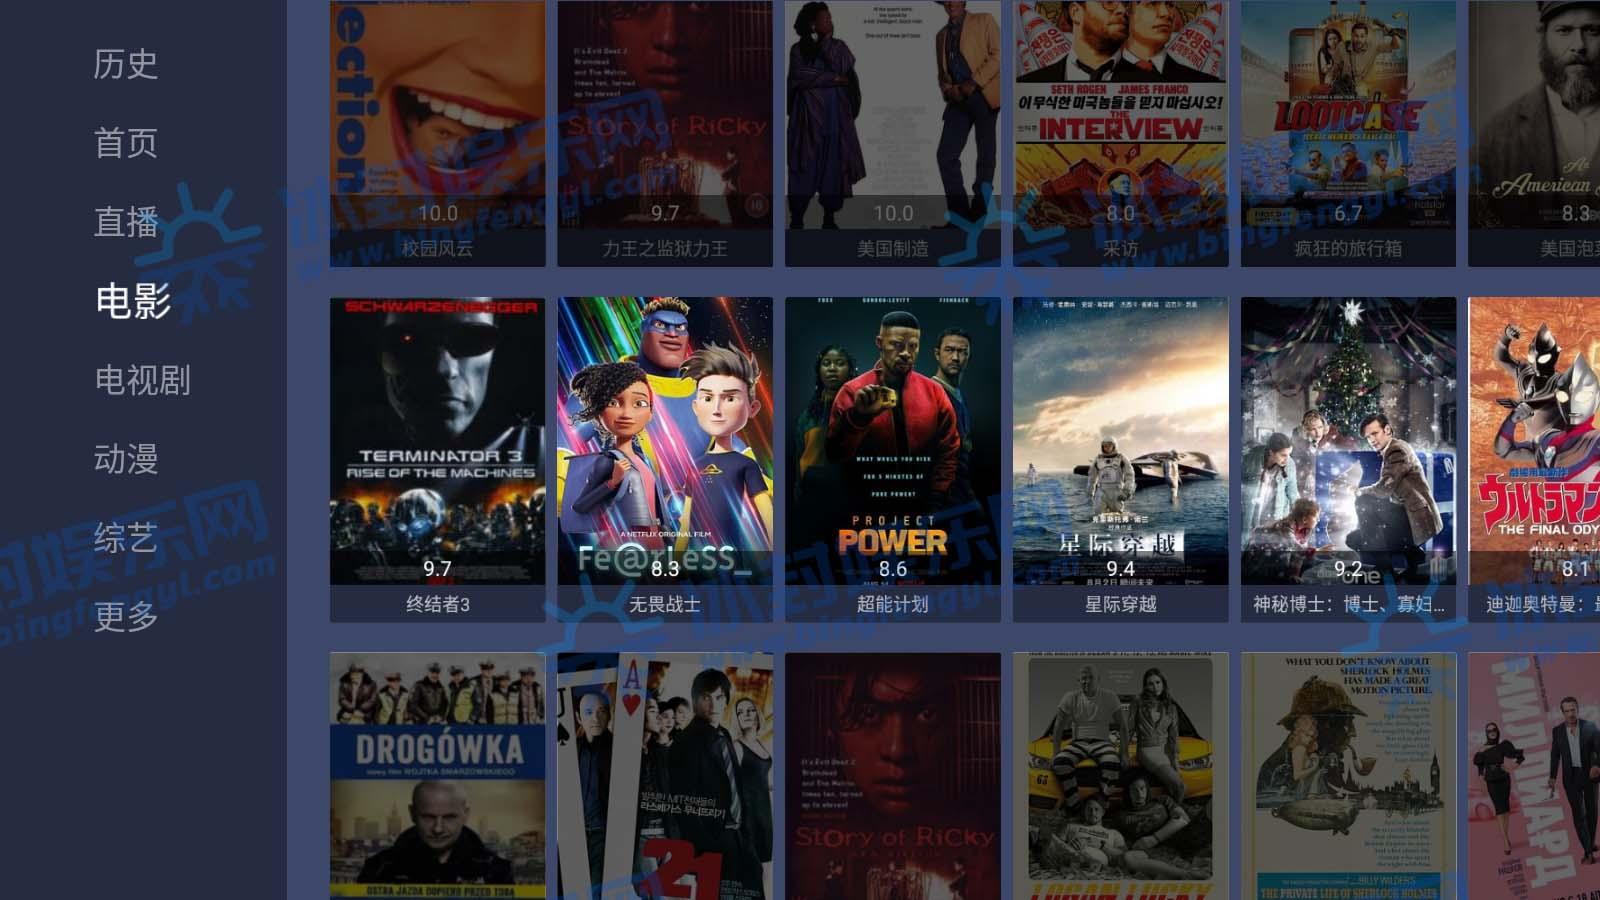 红影TV_v1.1.8 电视版免费影视+直播